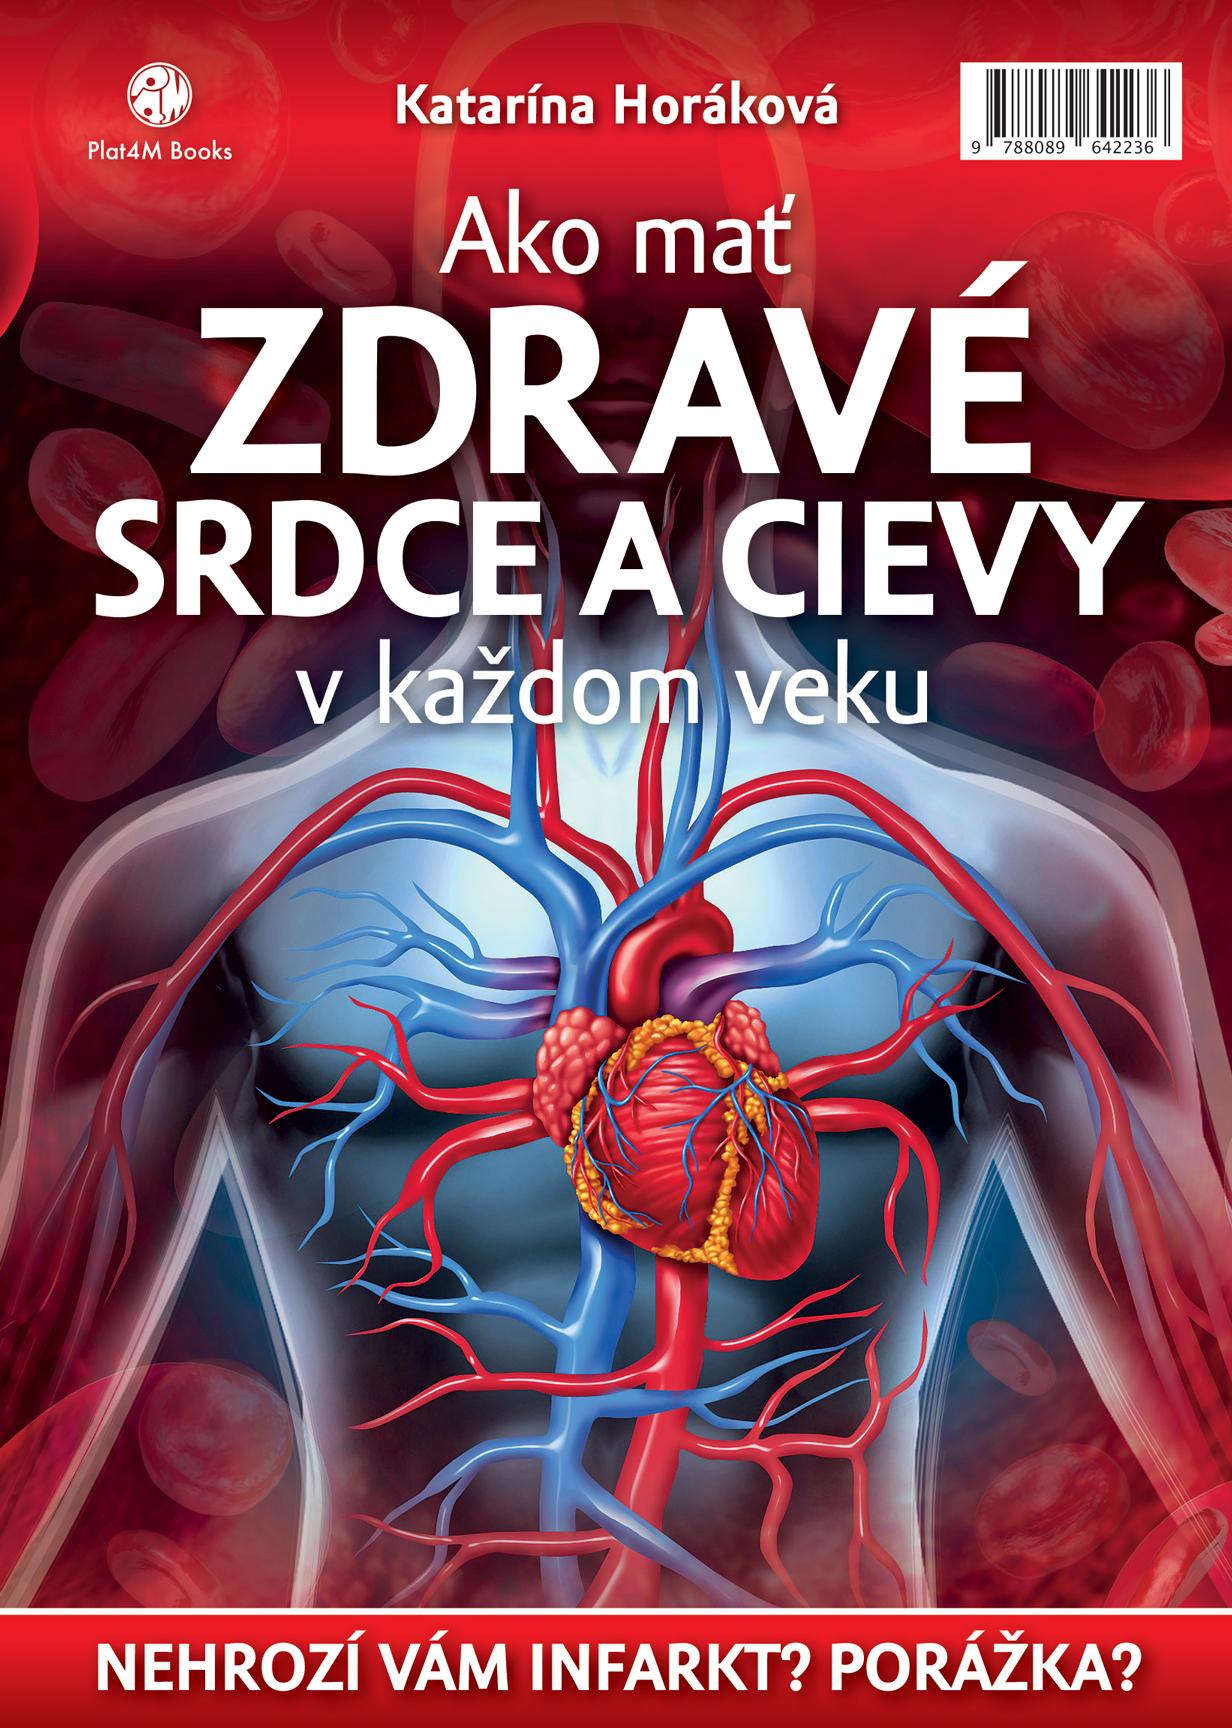 12b0e0a4dc0 Katarína Horáková  Ako mať zdravé srdce a cievy v každom veku